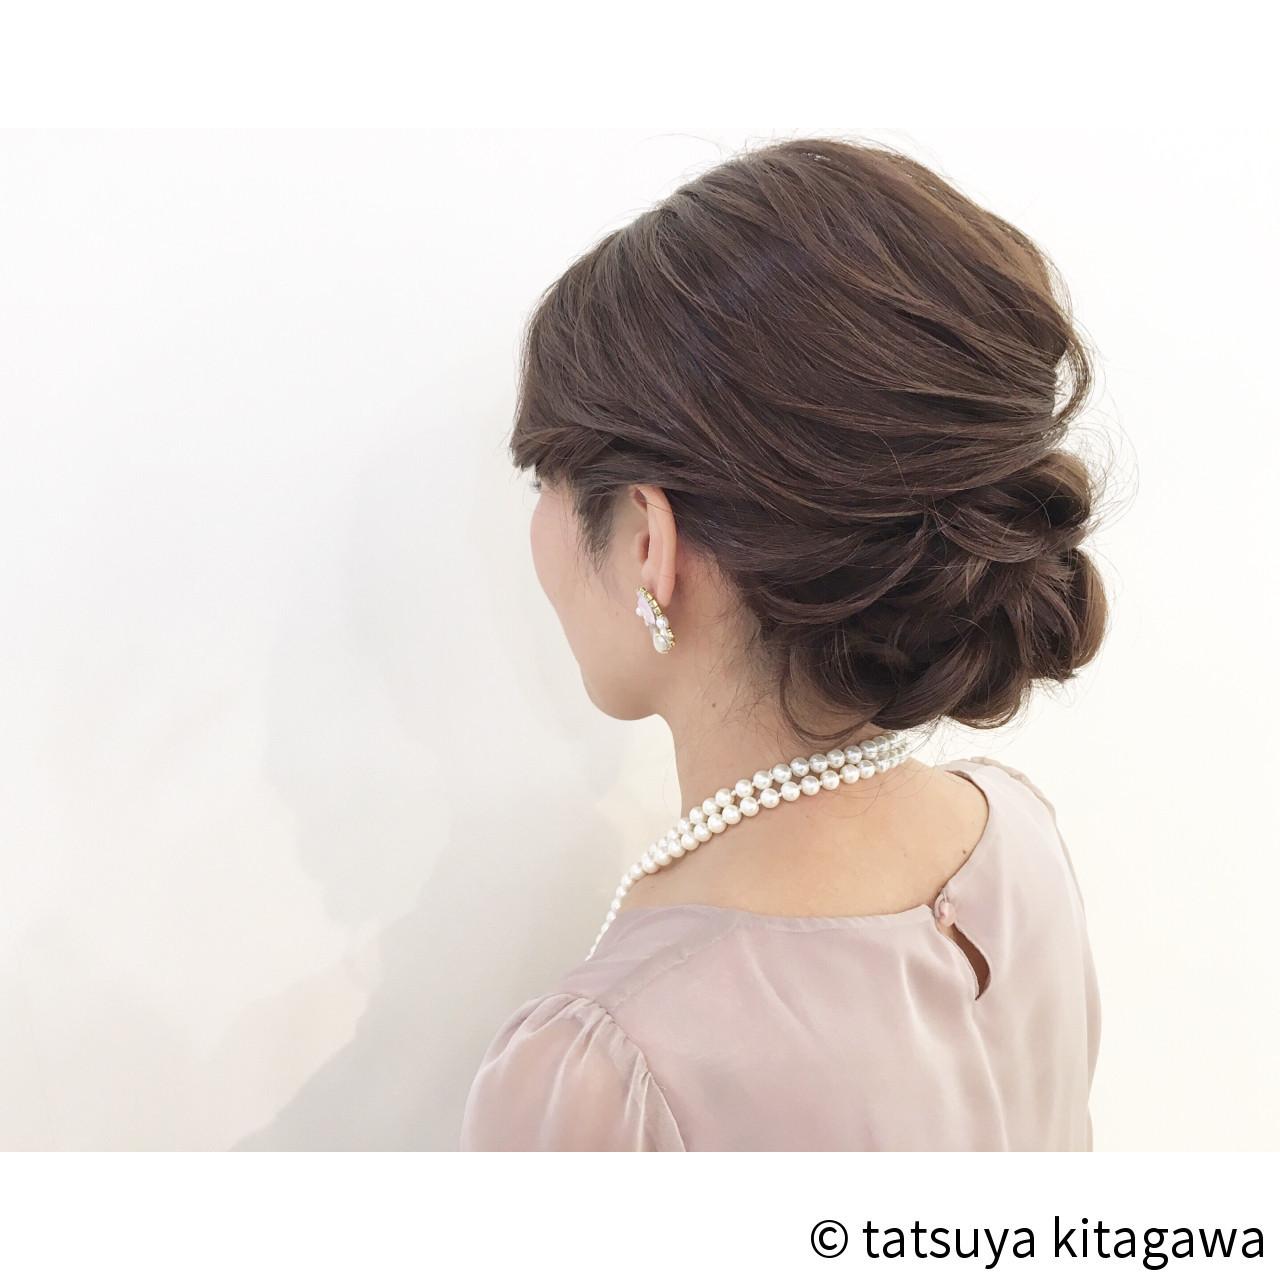 キレイなフォルムでフォーマル感のあるアップヘア tatsuya kitagawa